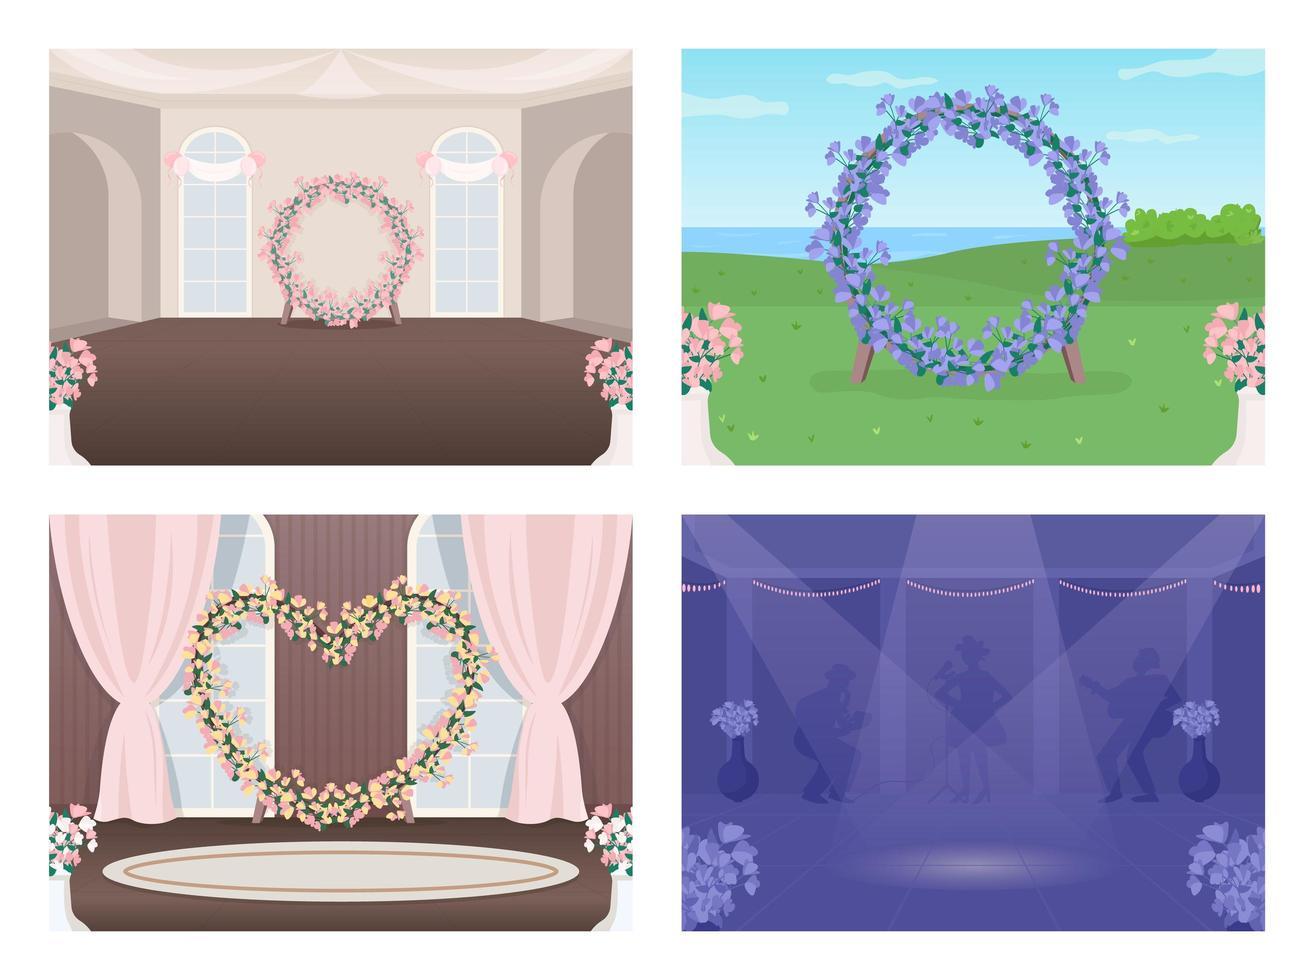 dekoriertes Hochzeitslokal vektor